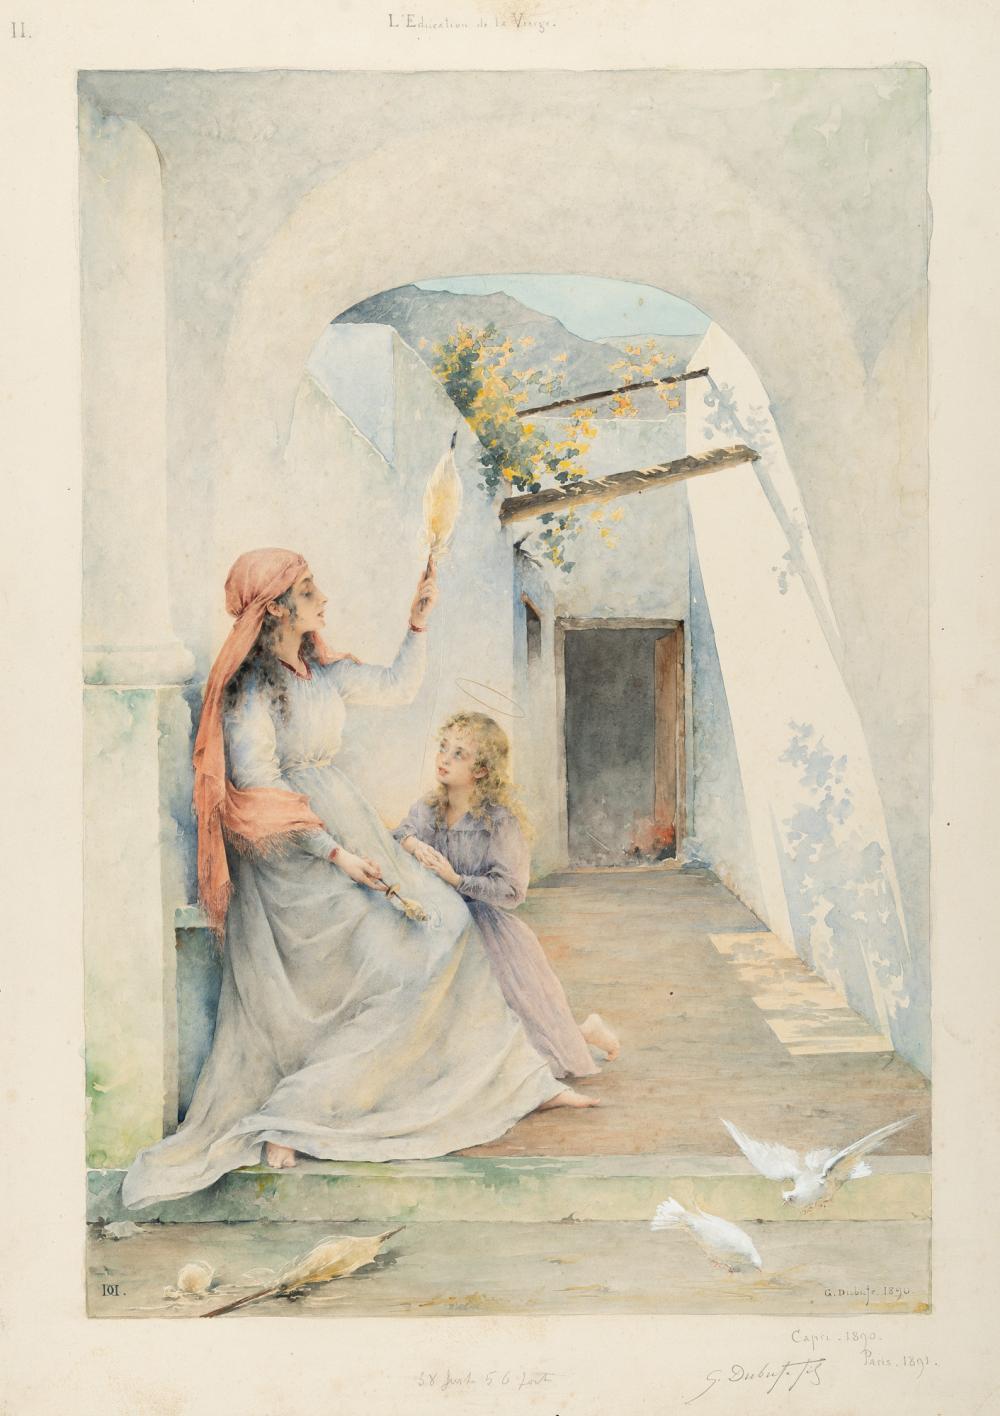 Guillaume Dubufe – Die Erziehung der Jungfrau: Anna und Maria im Innenhof eines Capreser Hauses